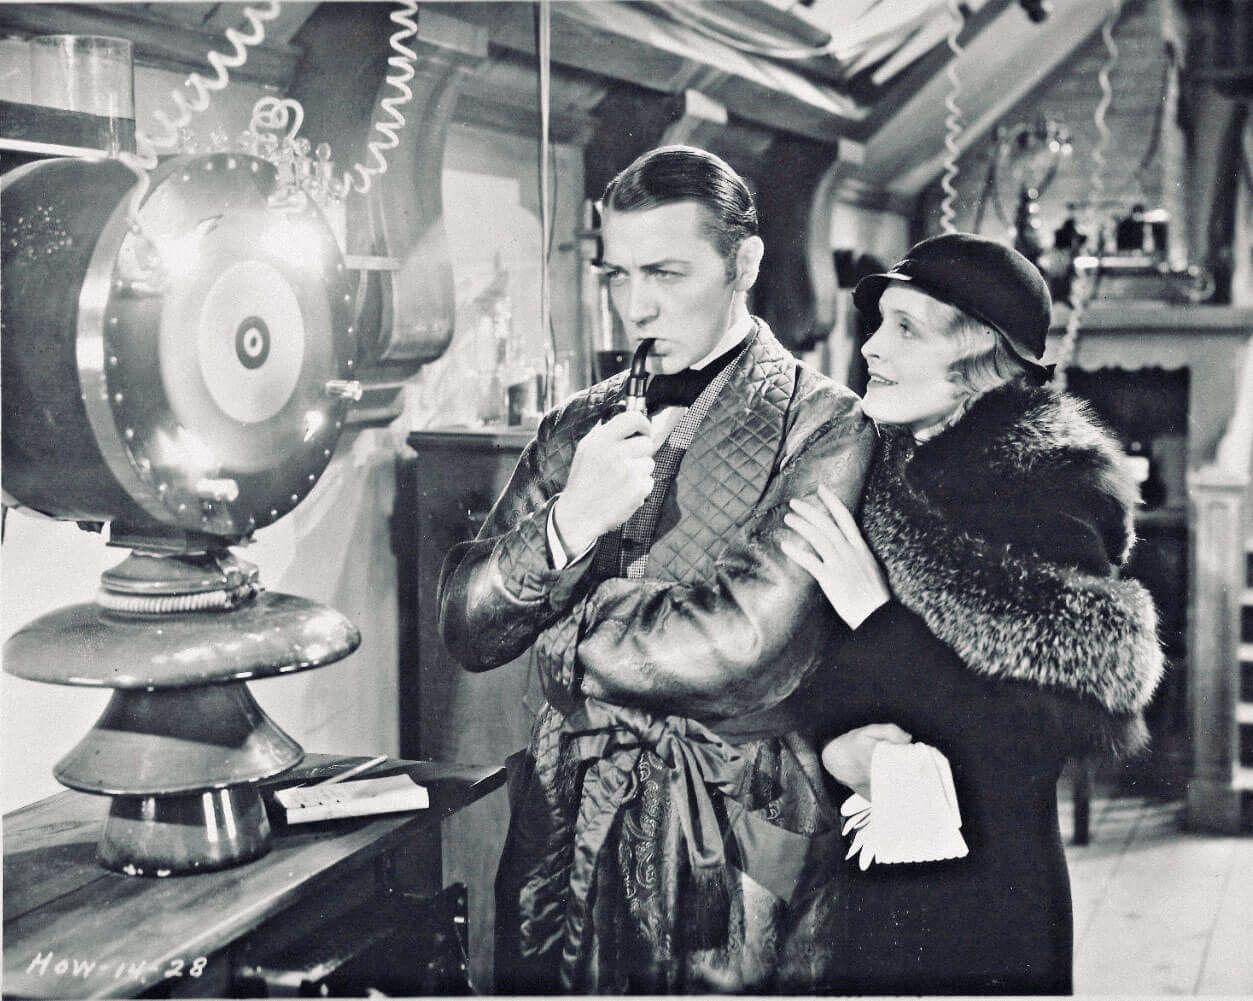 Клайв Брук и Мириам Джордан в фильме «Шерлок Холмс». Режиссер Уильям К. Ховард, 1932 год. Источник: imdb.com